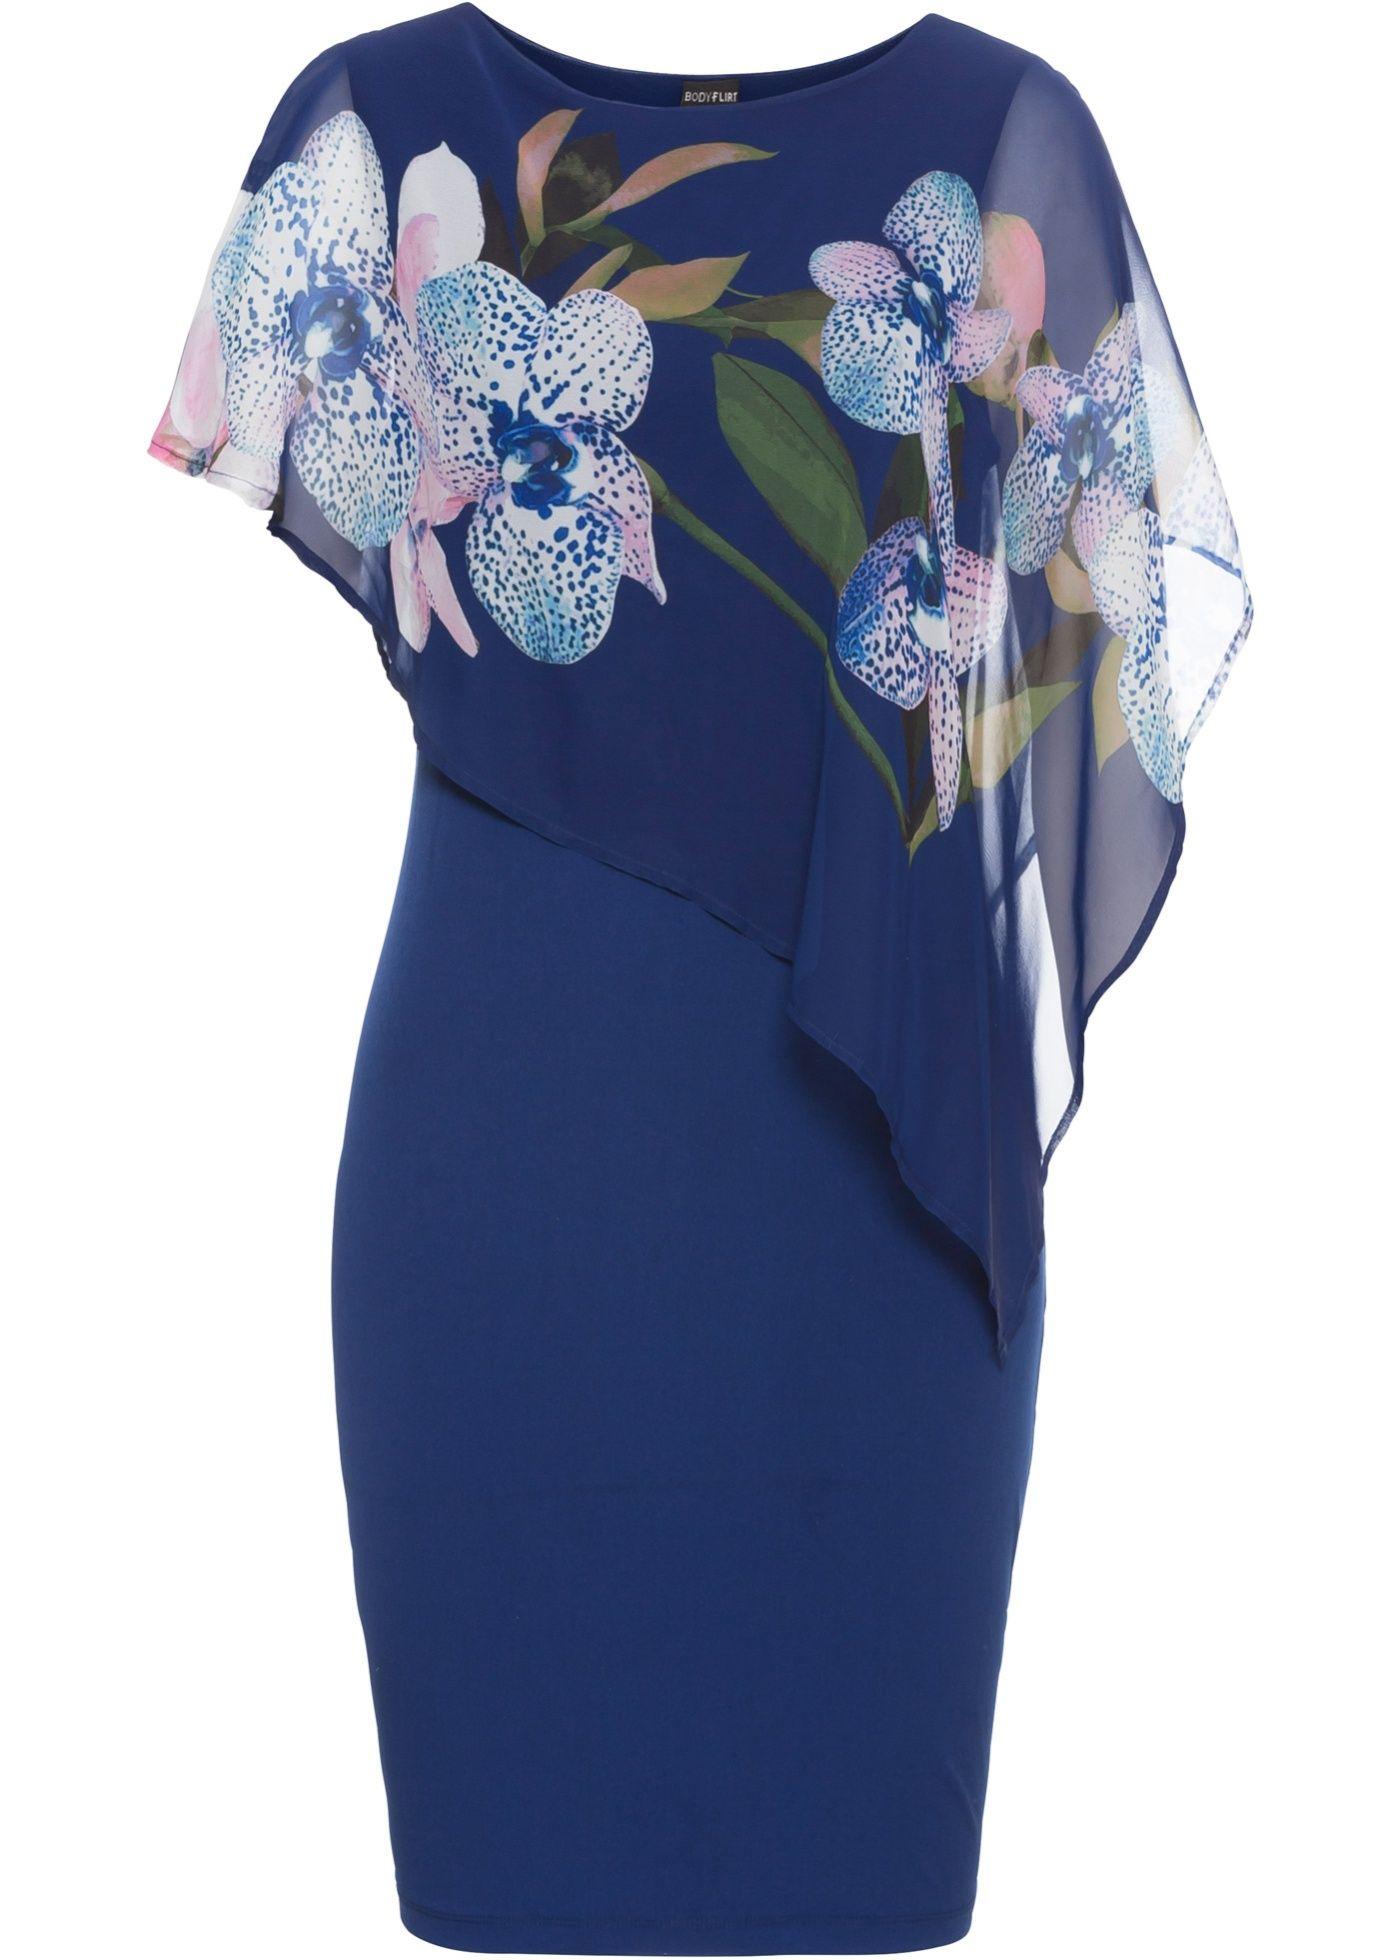 Prachtige jurk met een gedessineerd laagje chiffon